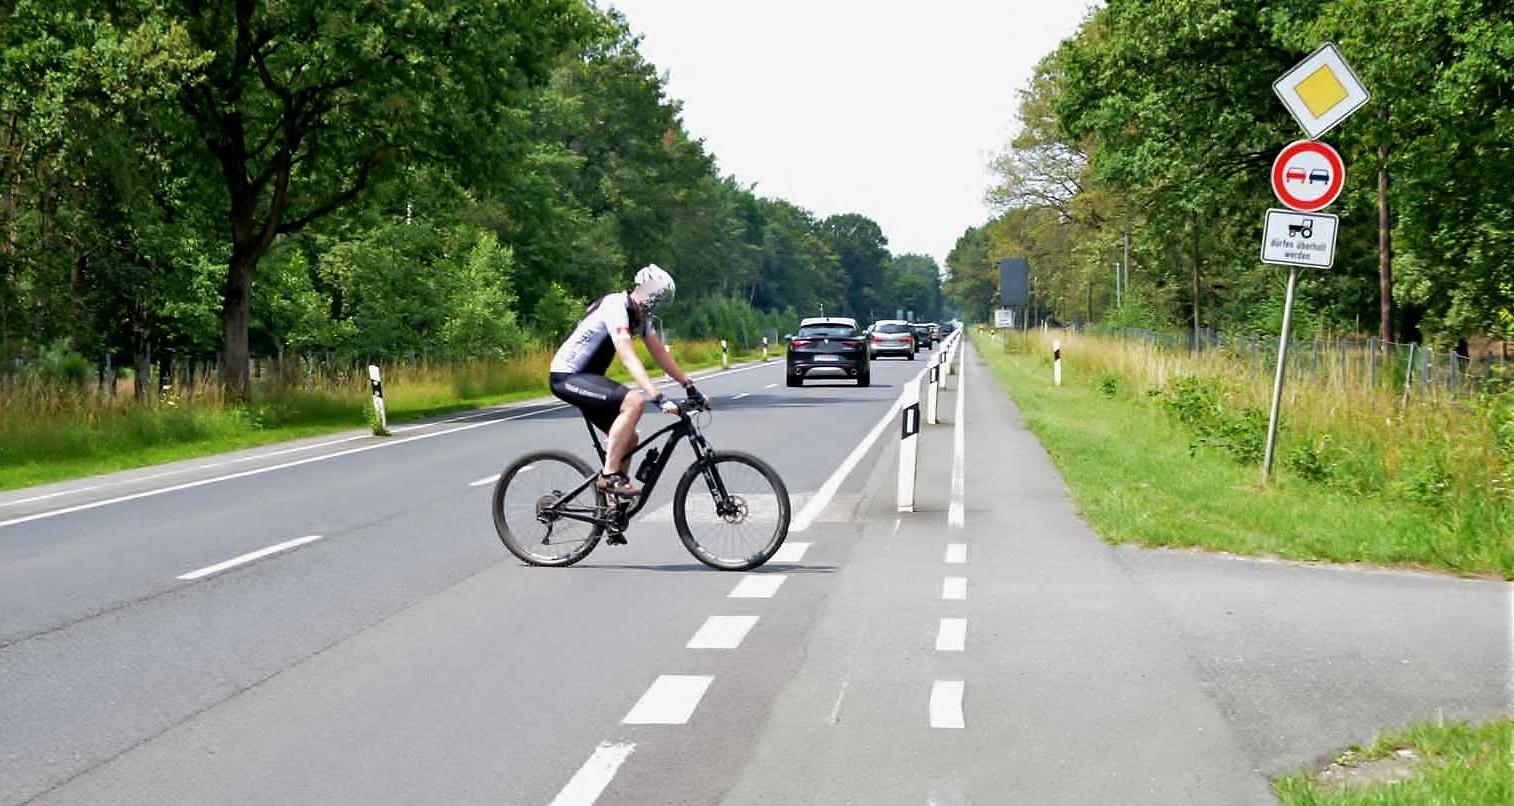 Planung-Fahrradweg-B224-Dorsten-Erle